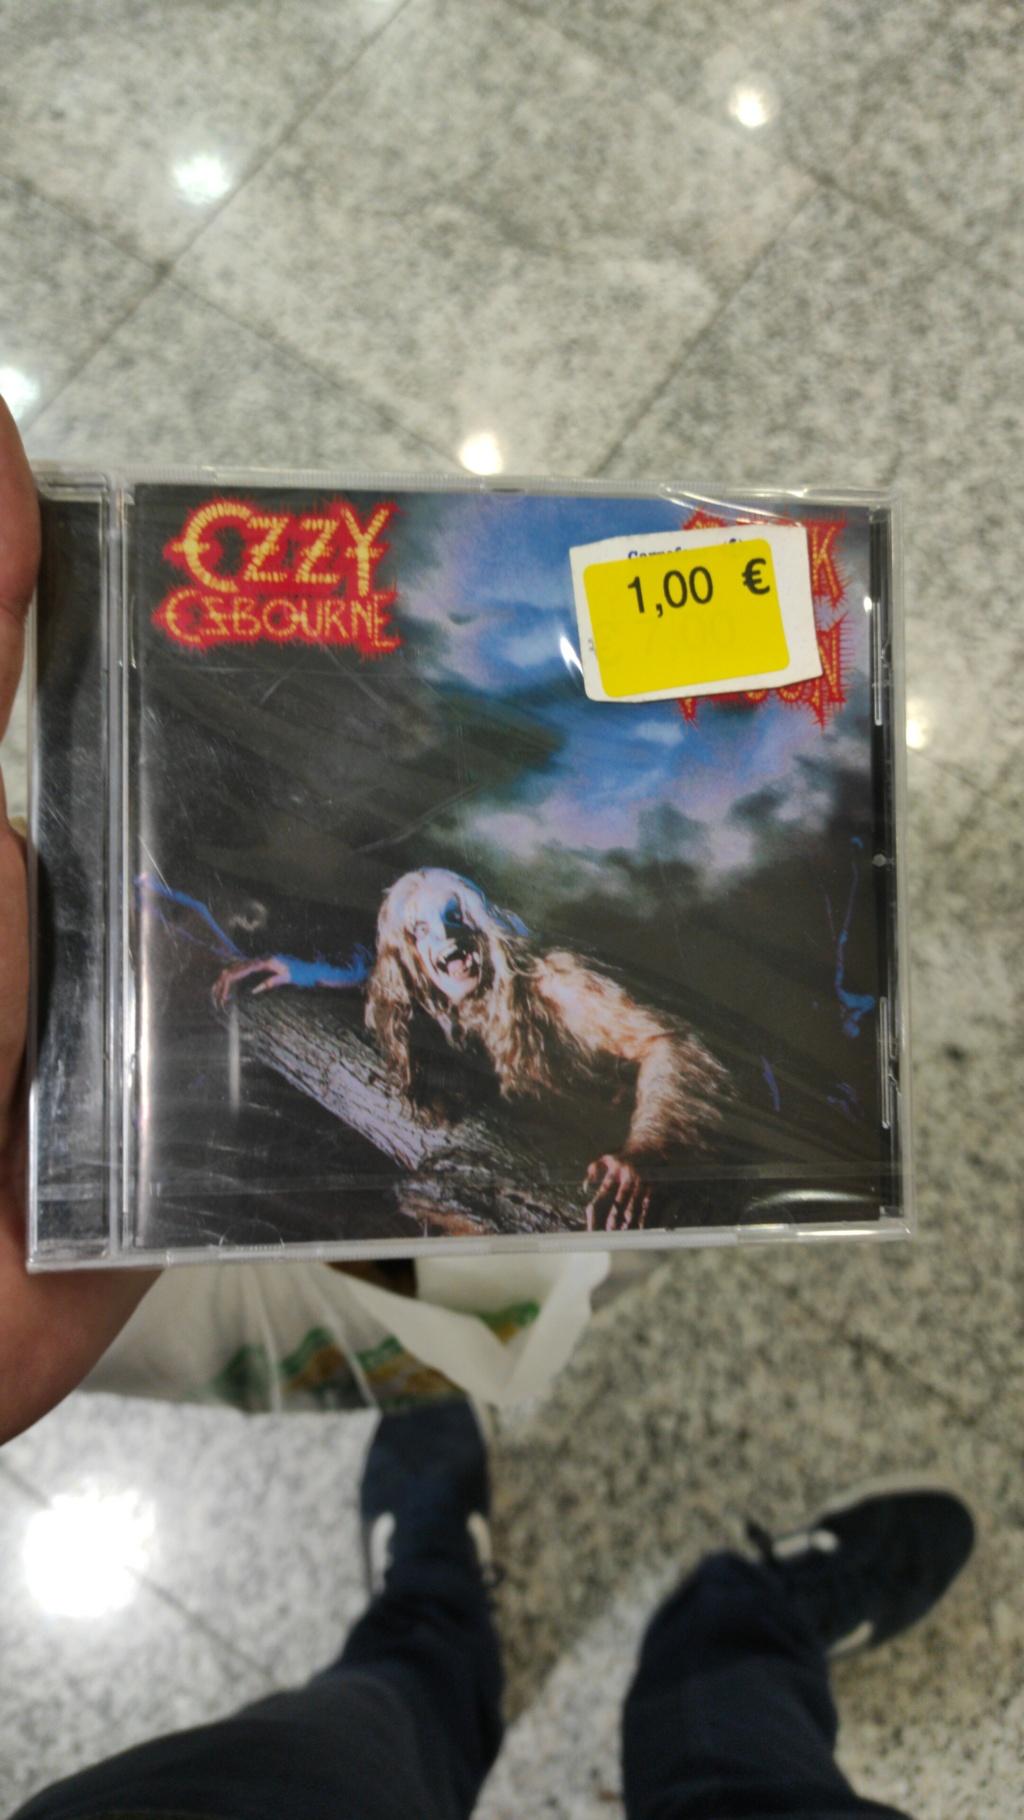 ¡Larga vida al CD! Presume de tu última compra en Disco Compacto Img-2014